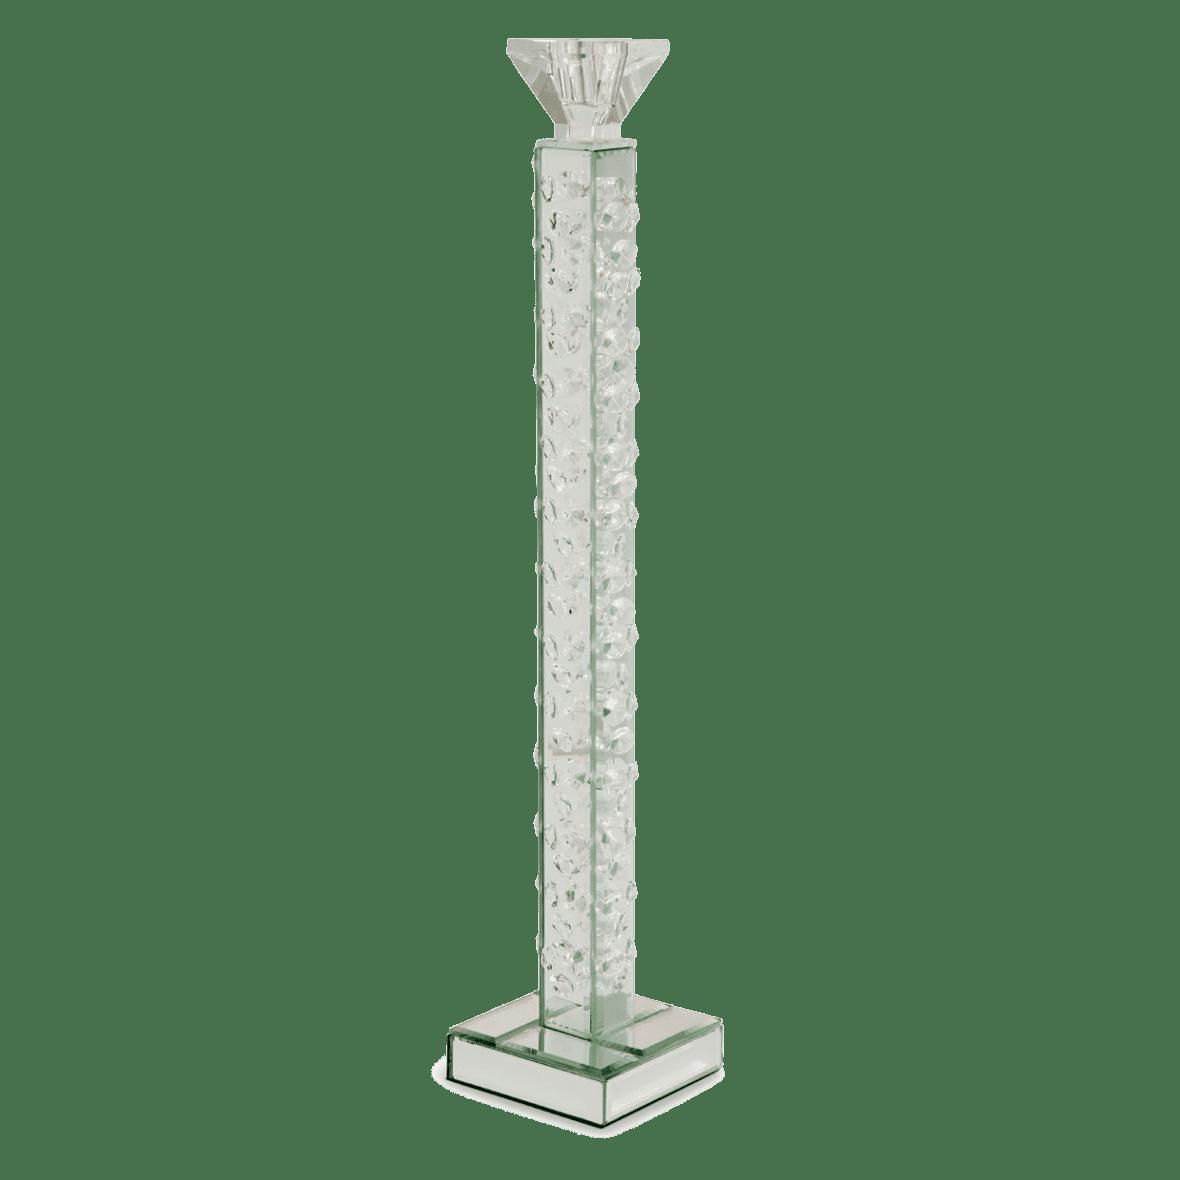 Зеркальный подсвечник, рельефная колонна, высокий